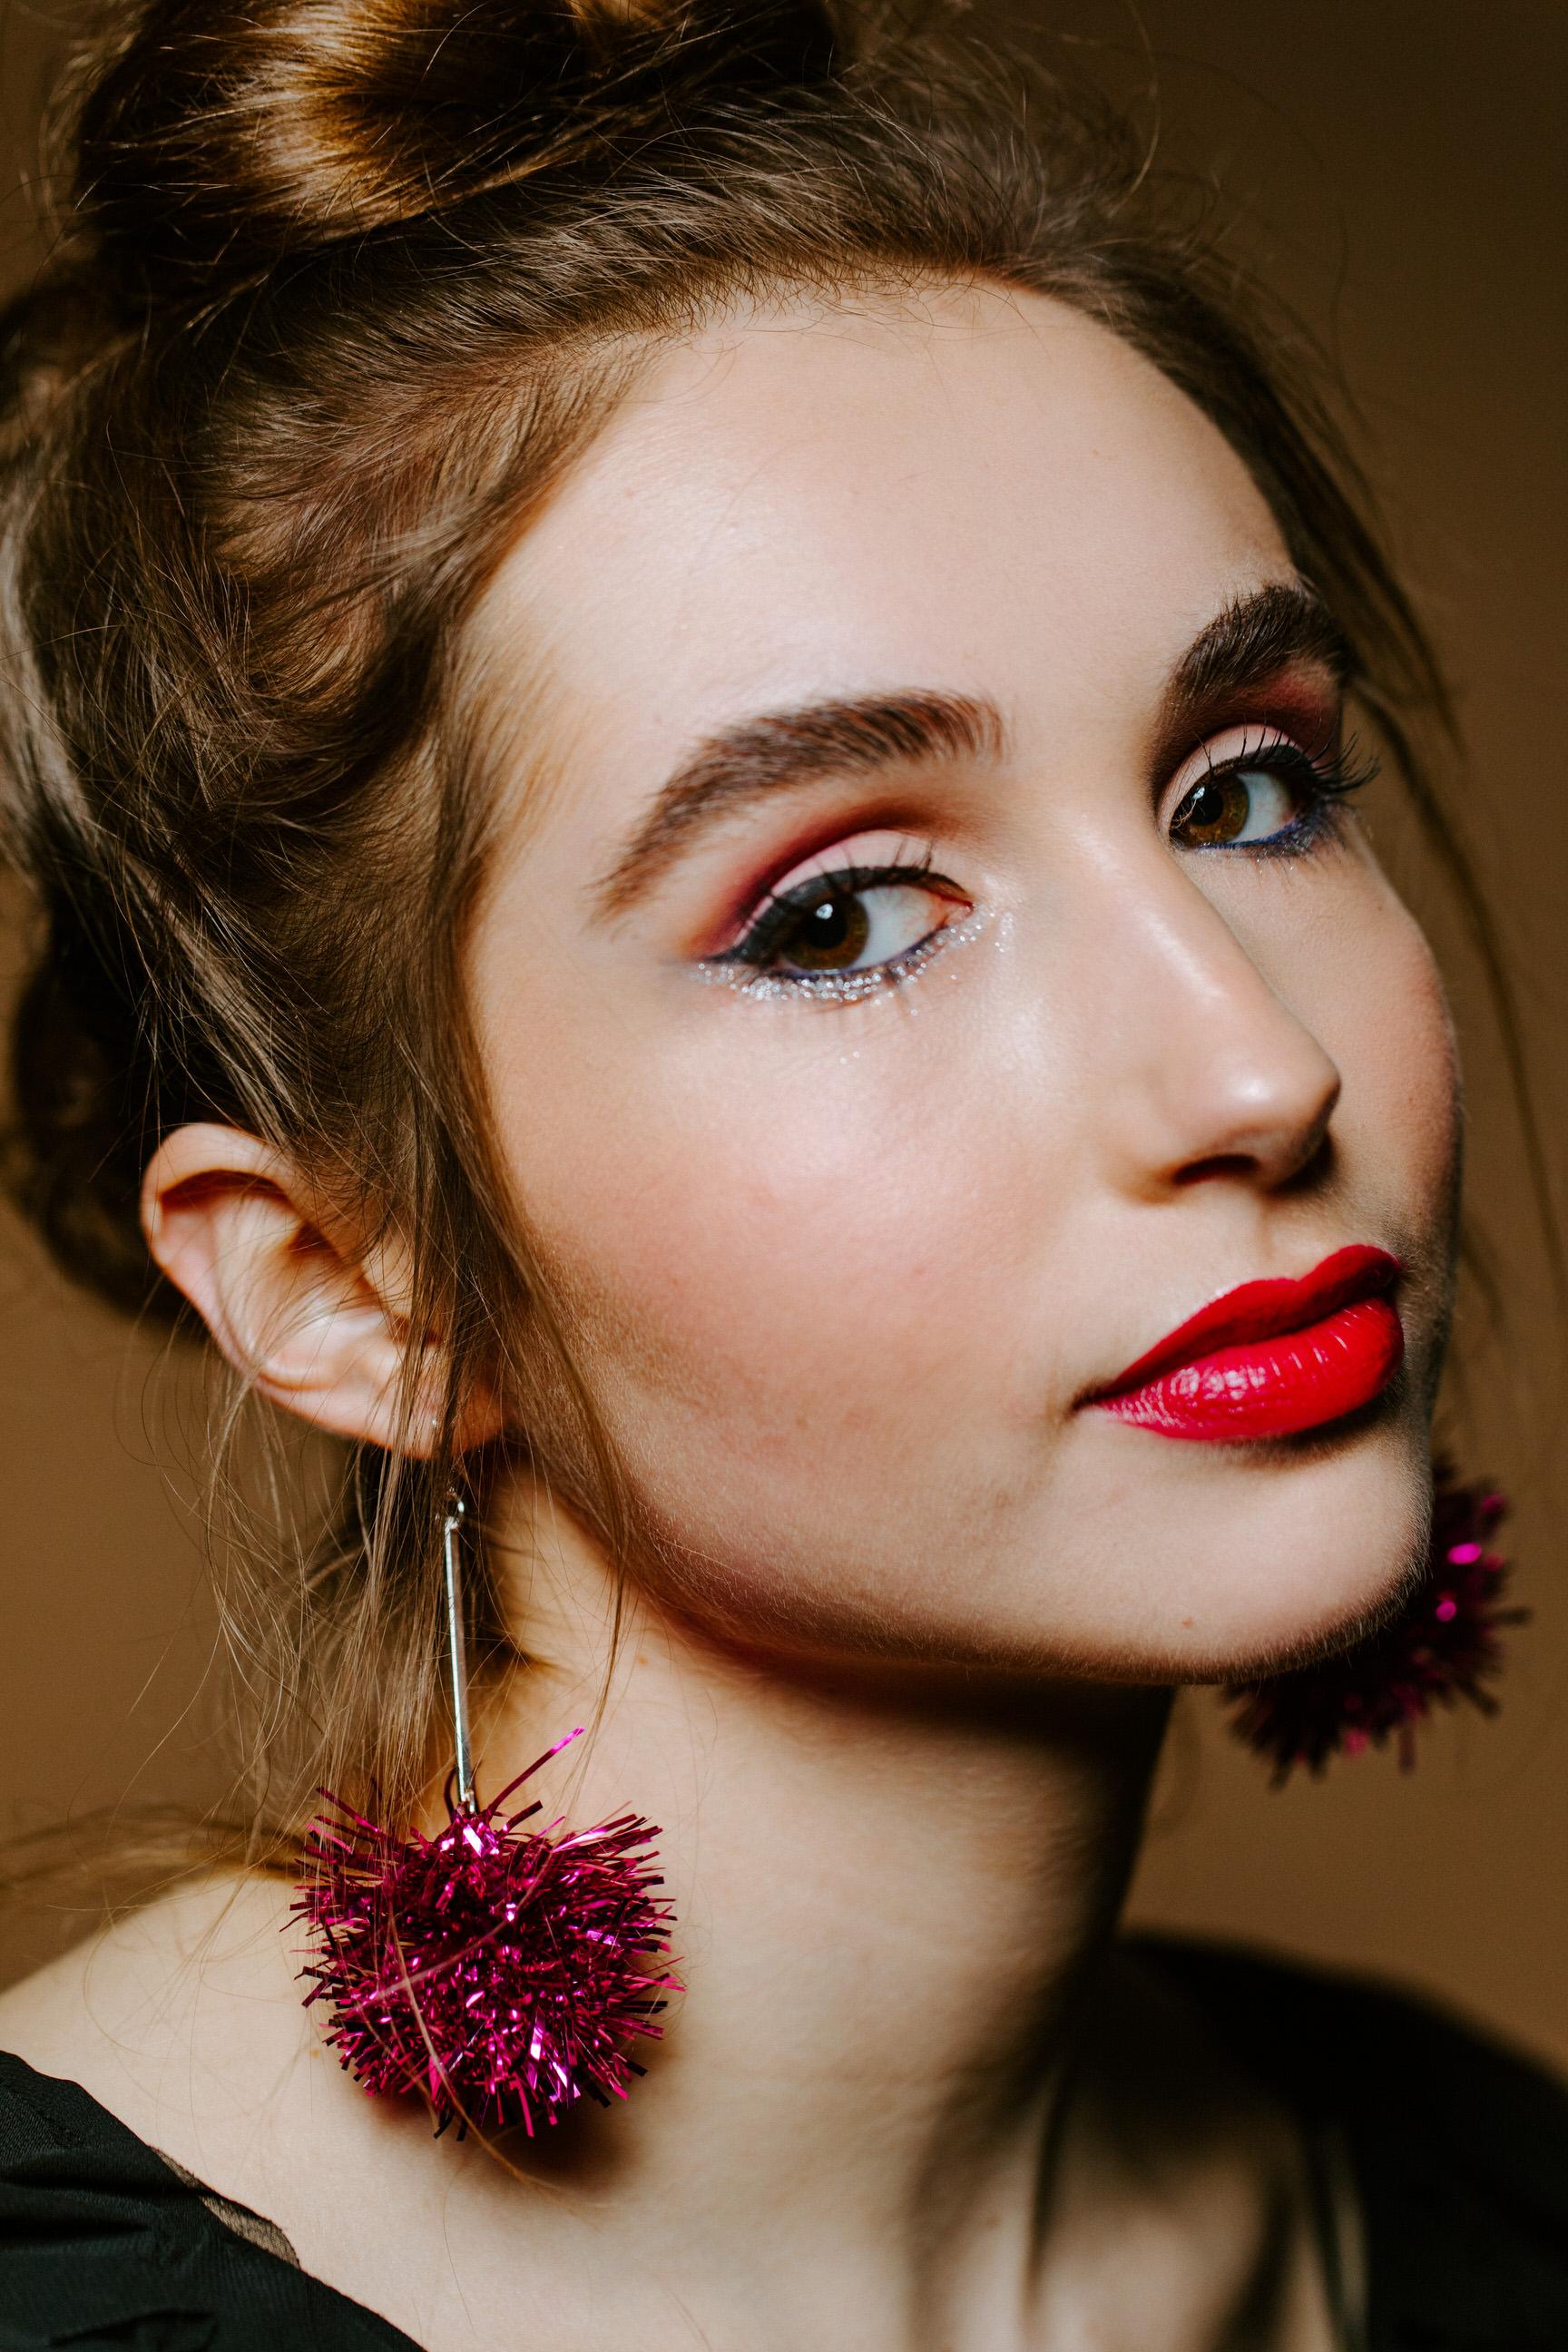 rebekah-earrings-8881.jpg